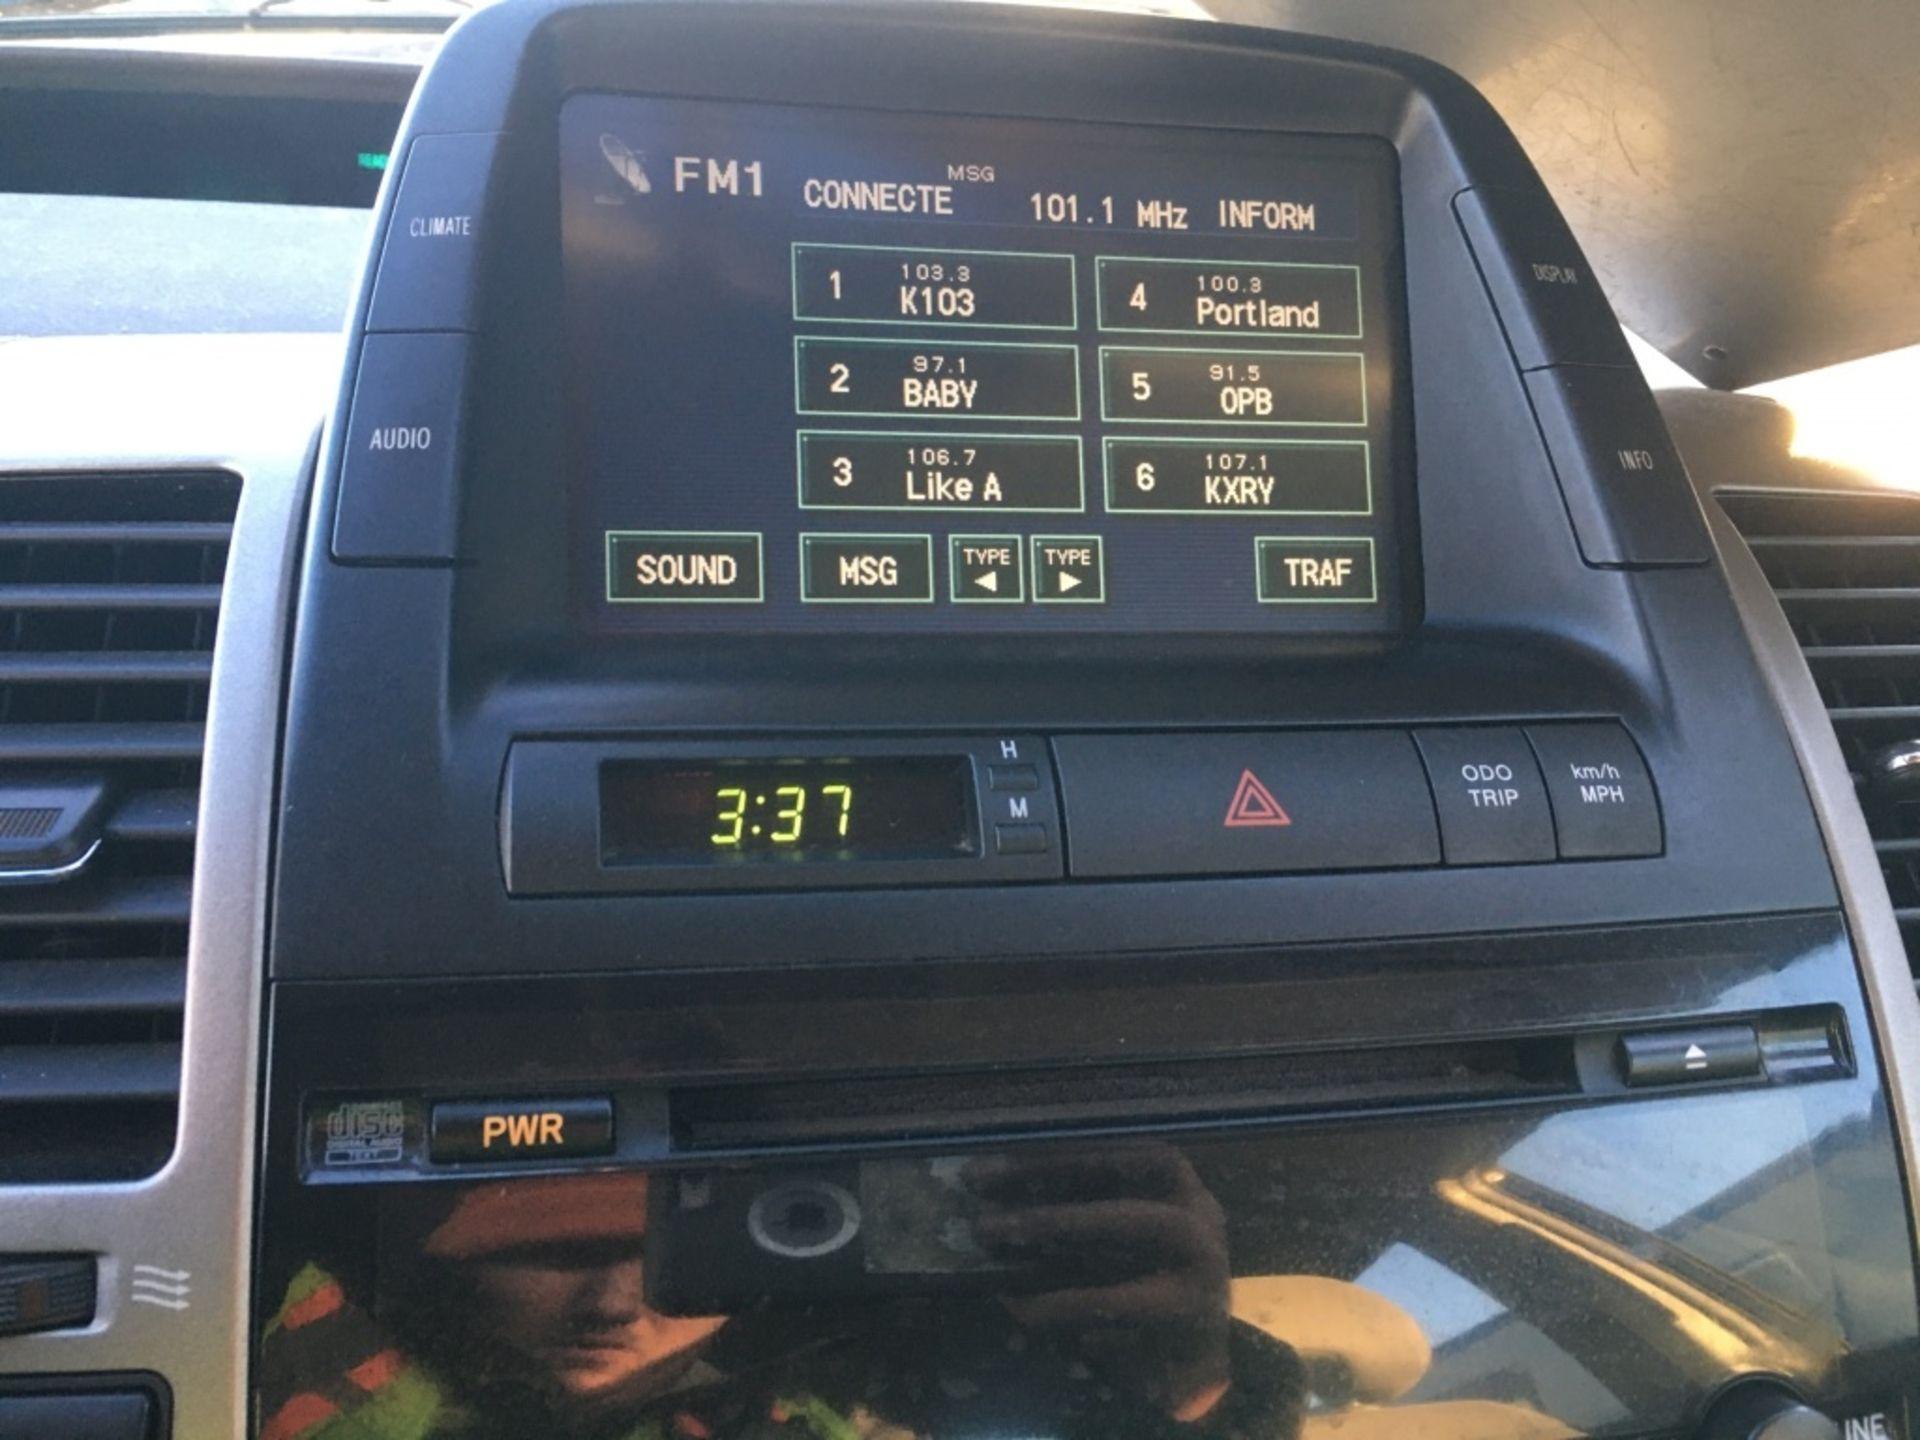 2009 Toyota Prius Sedan - Image 11 of 18